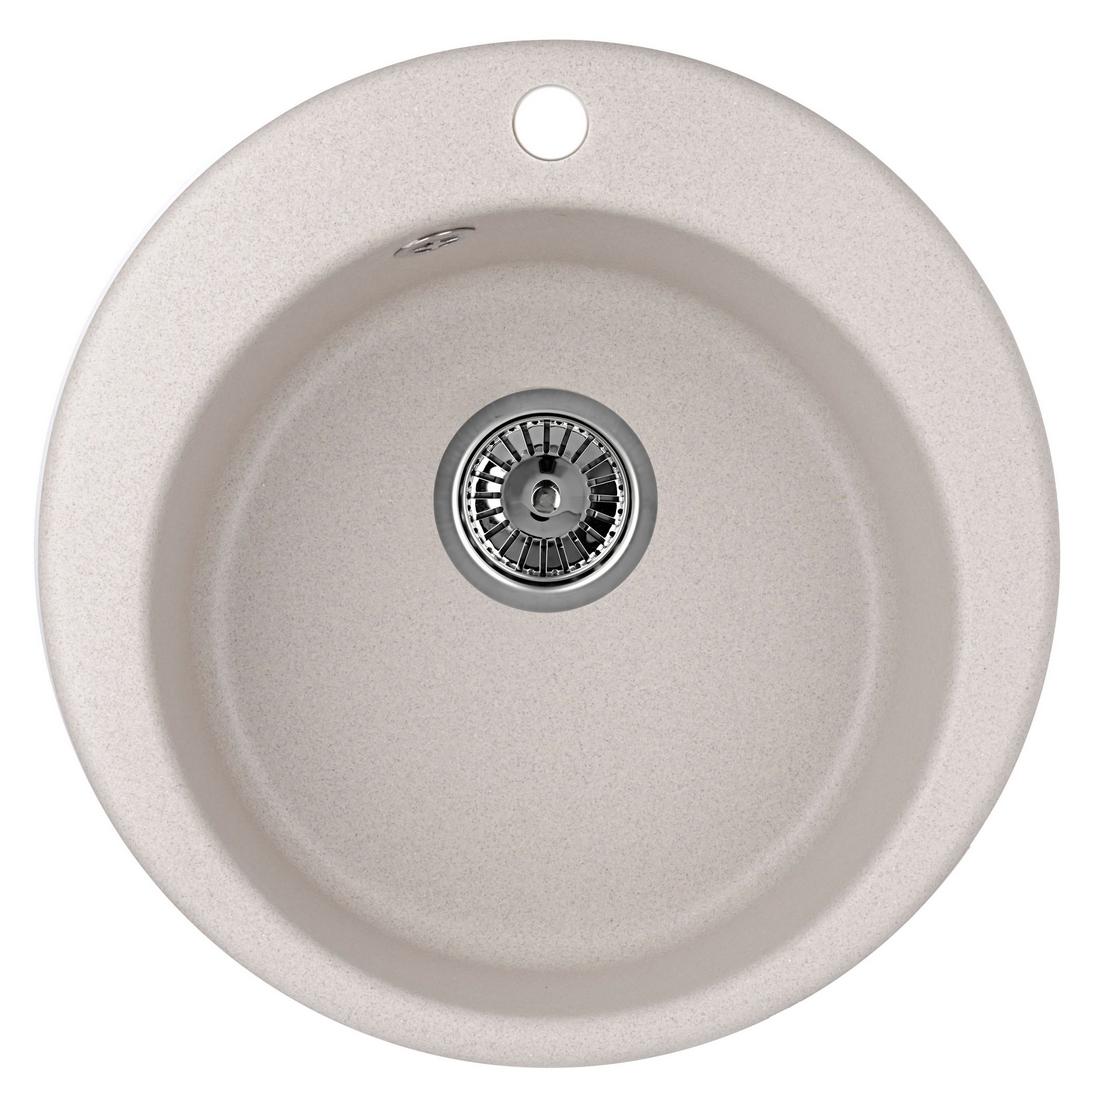 Мойка кухонная Granula Gr-4801